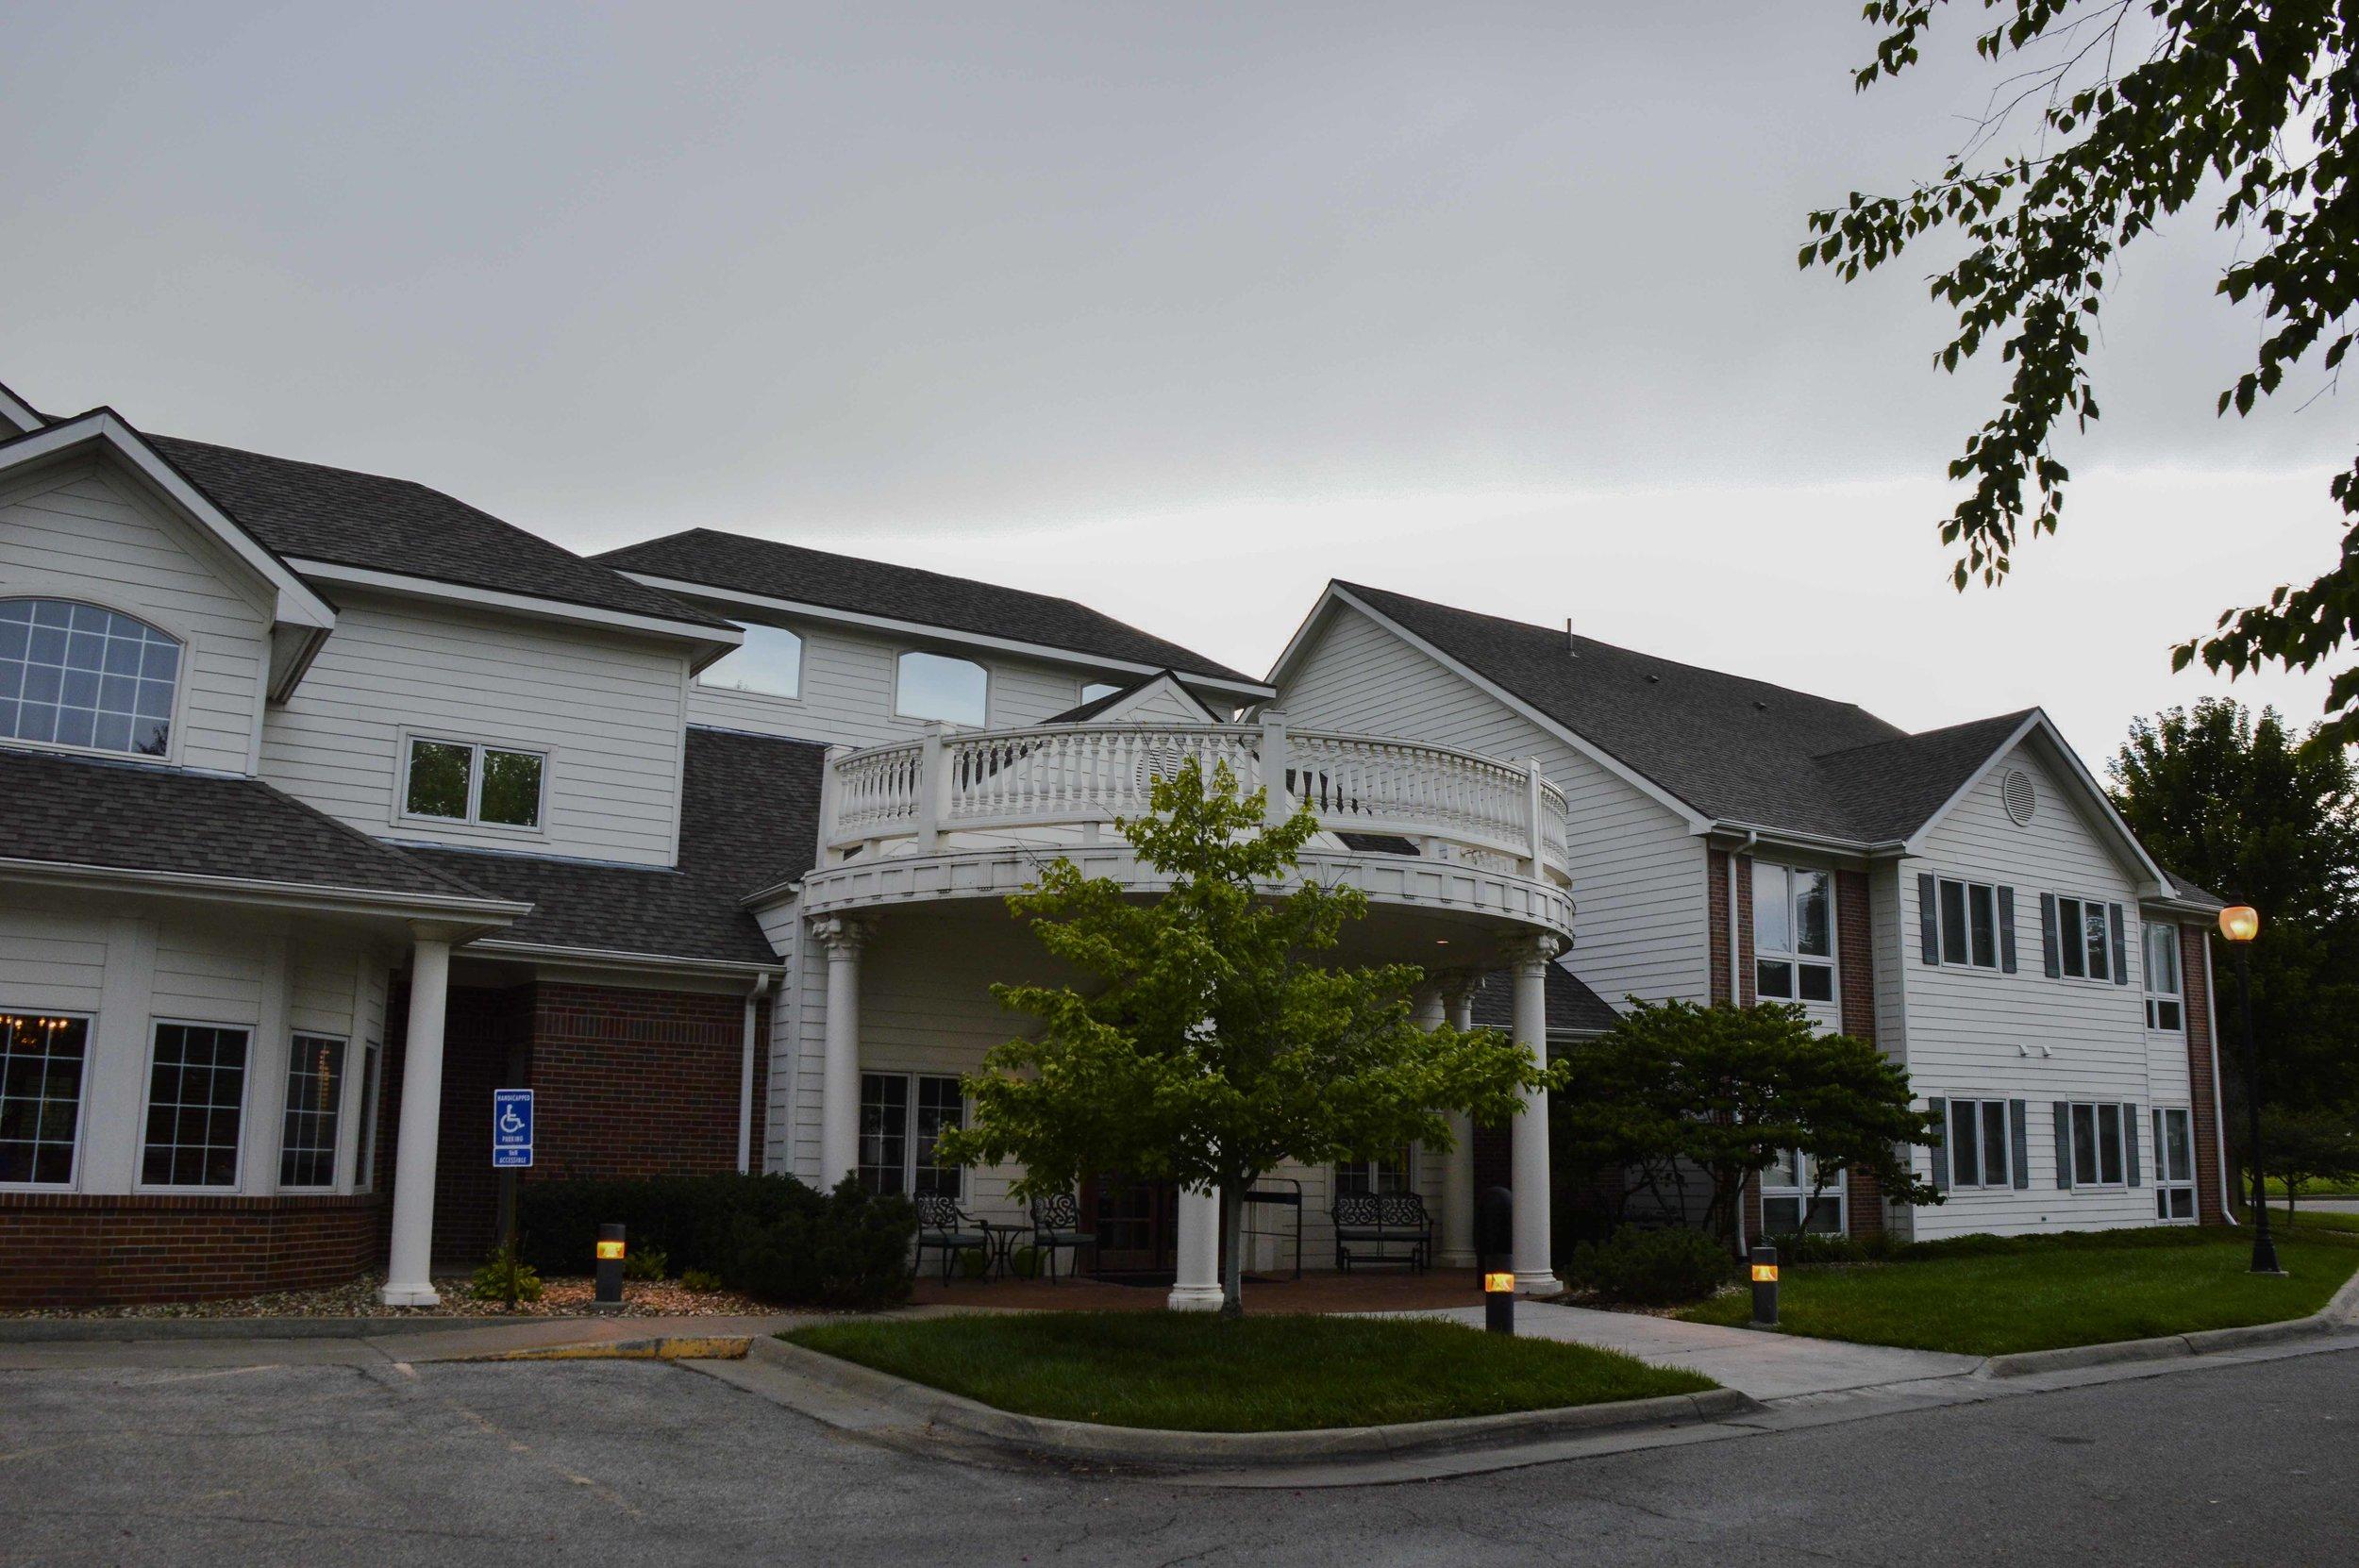 Lexington Park Assisted Living   Client: Midwest Health Architect:Schwerdt Design Group